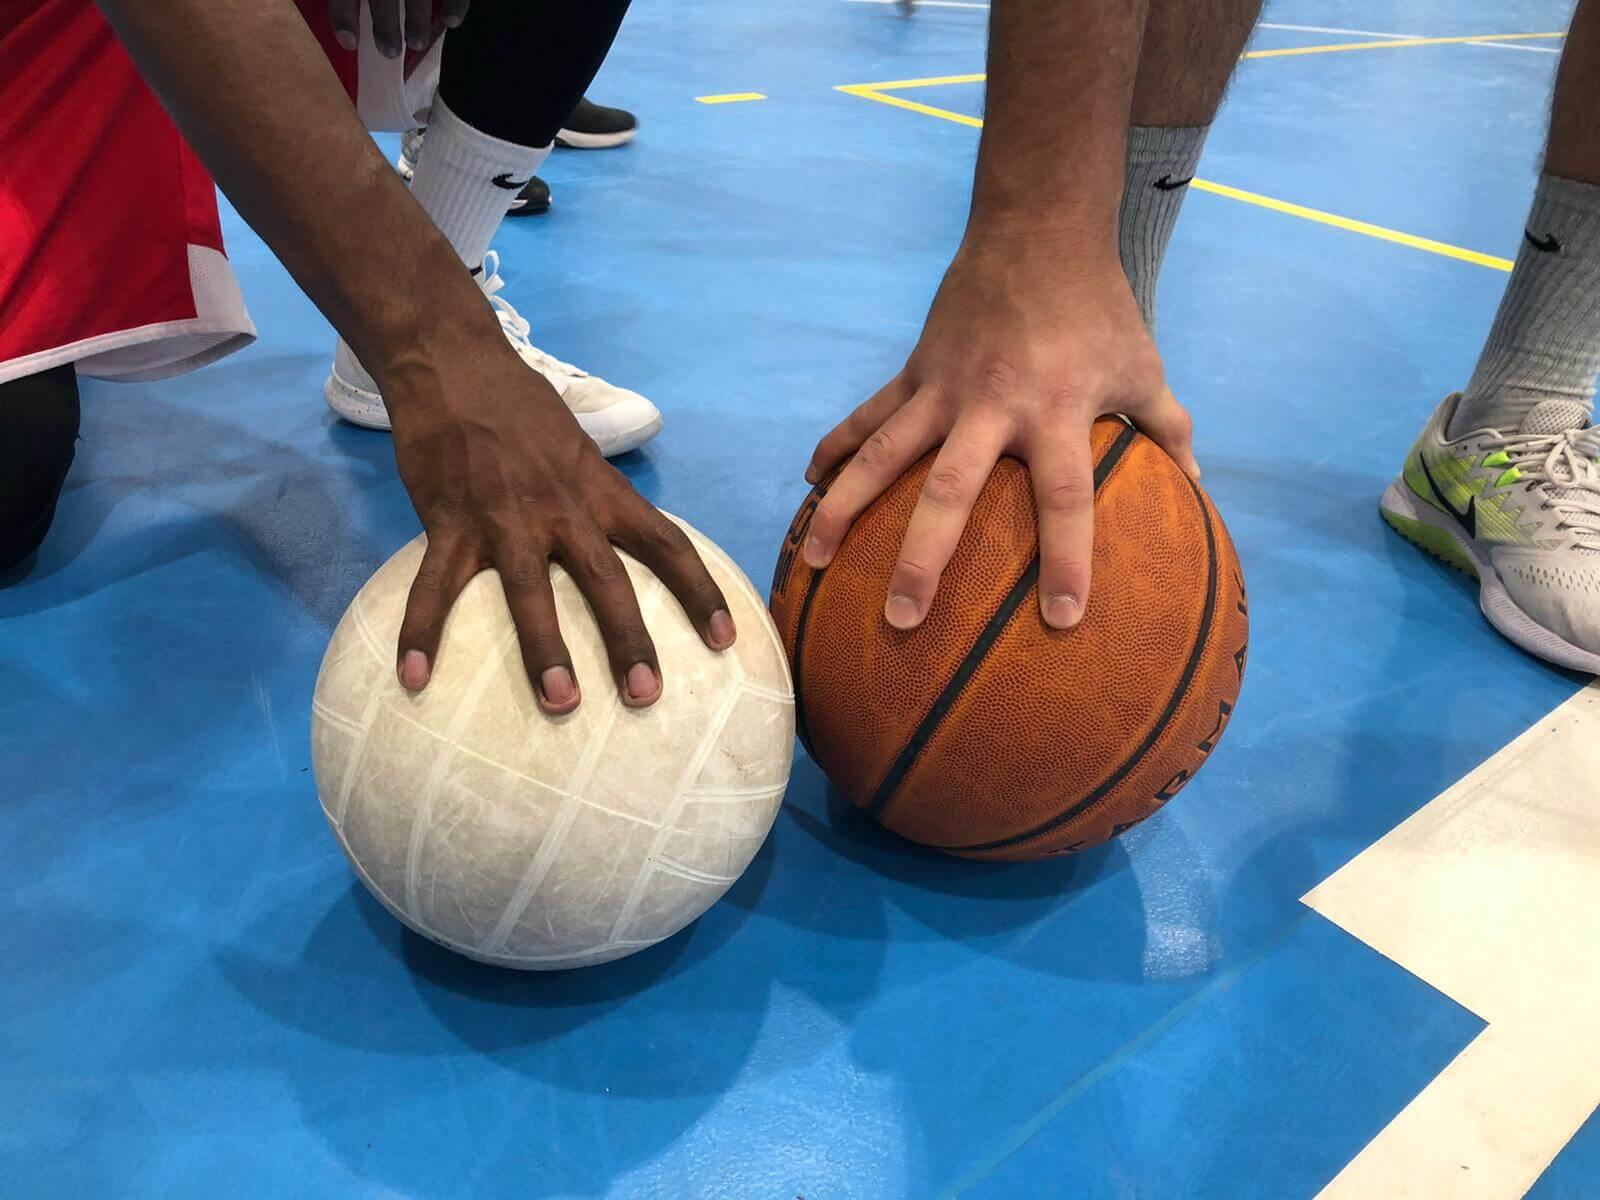 torneo basket labor